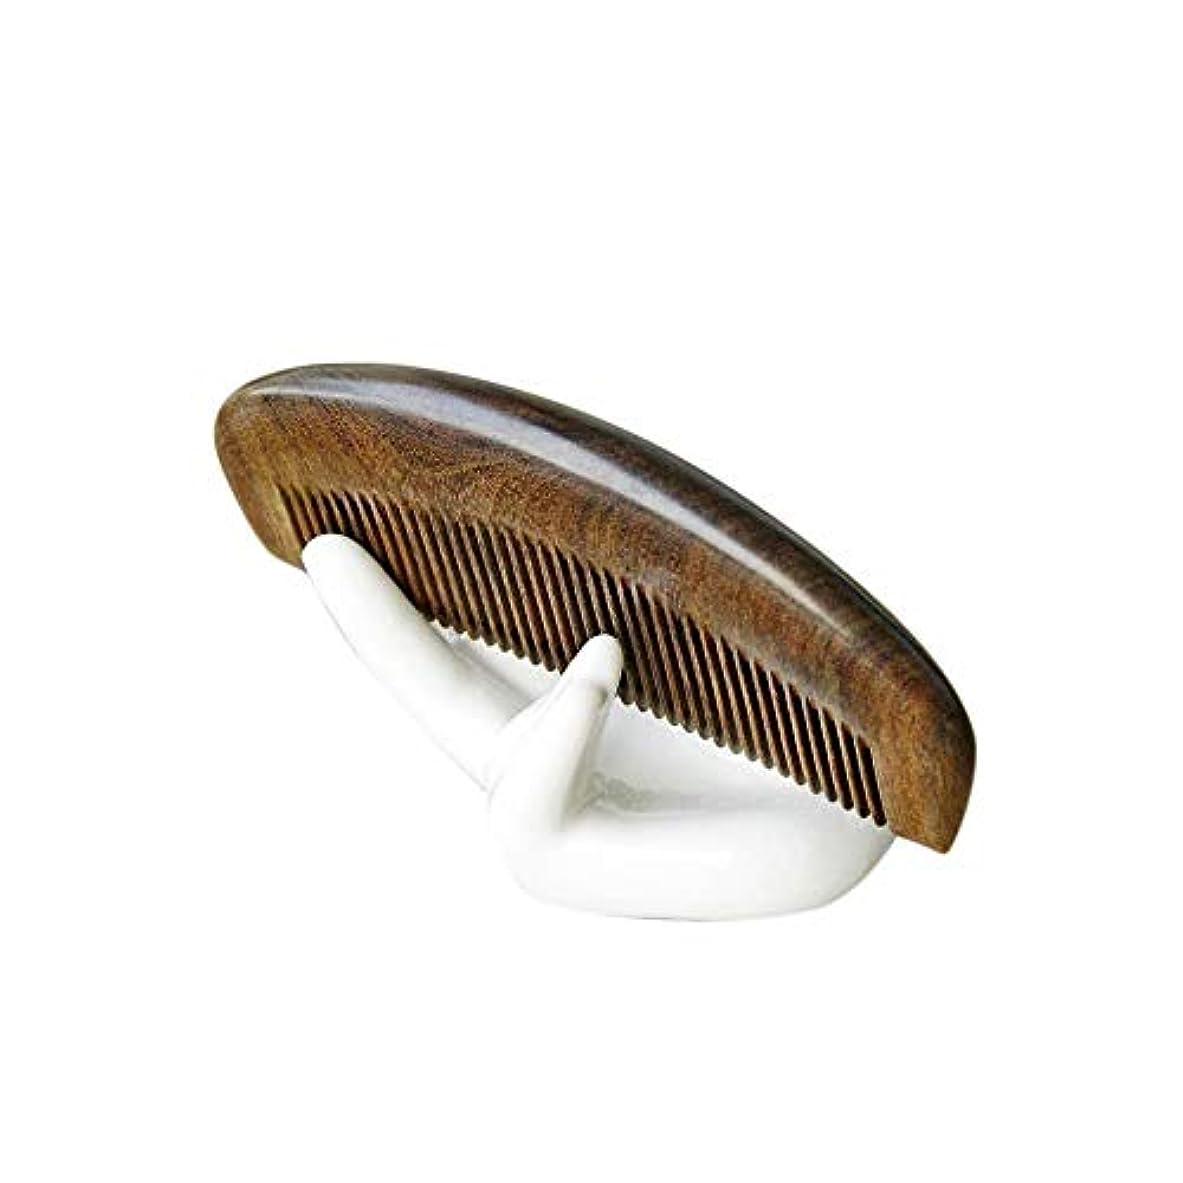 質素なつぶやきダムWASAIO ナチュラルサンダルウッドコーム-手作り木製ハーフムーンシェイプワイドトゥースカーリーヘアコーム手作り木製アンチスタティックマッサージエアバッグ (色 : Photo color)